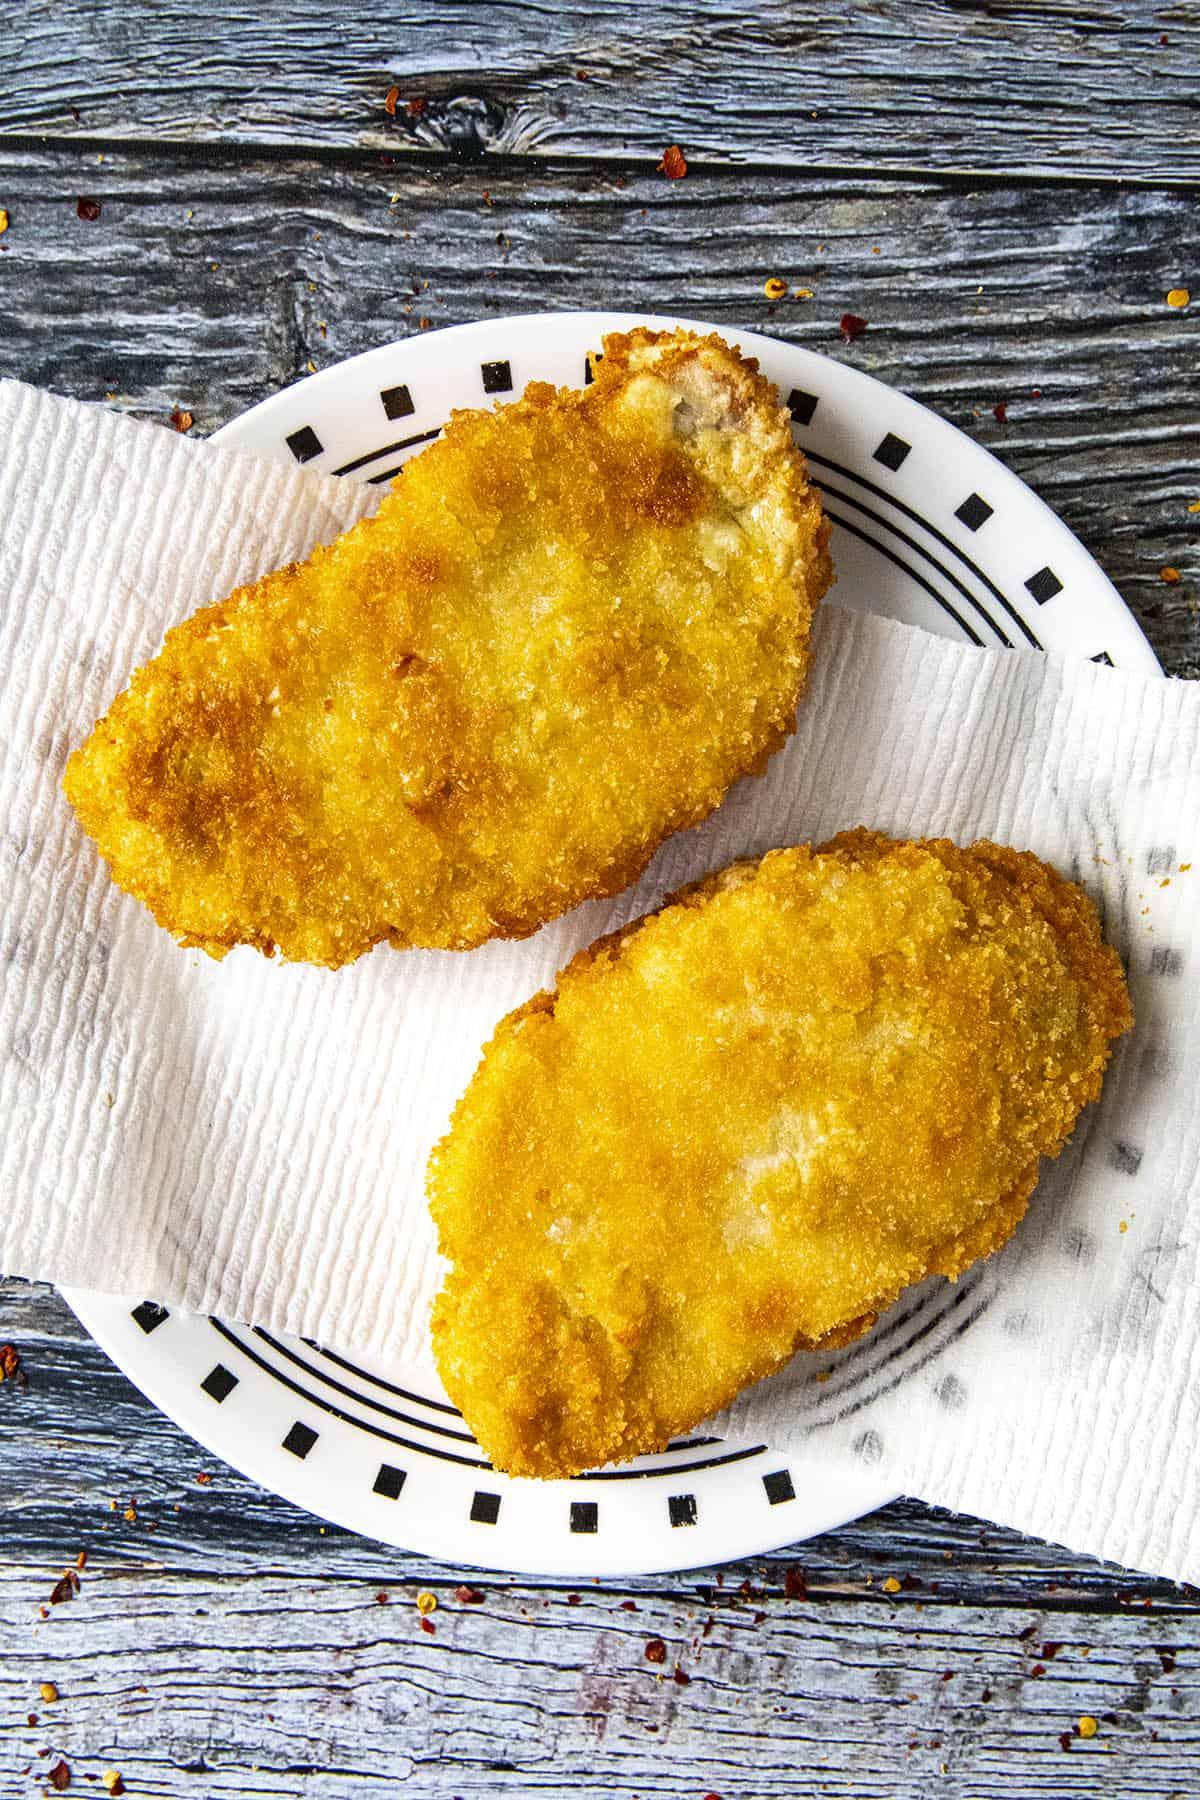 Fried panko breaded pork cutlets on a plate